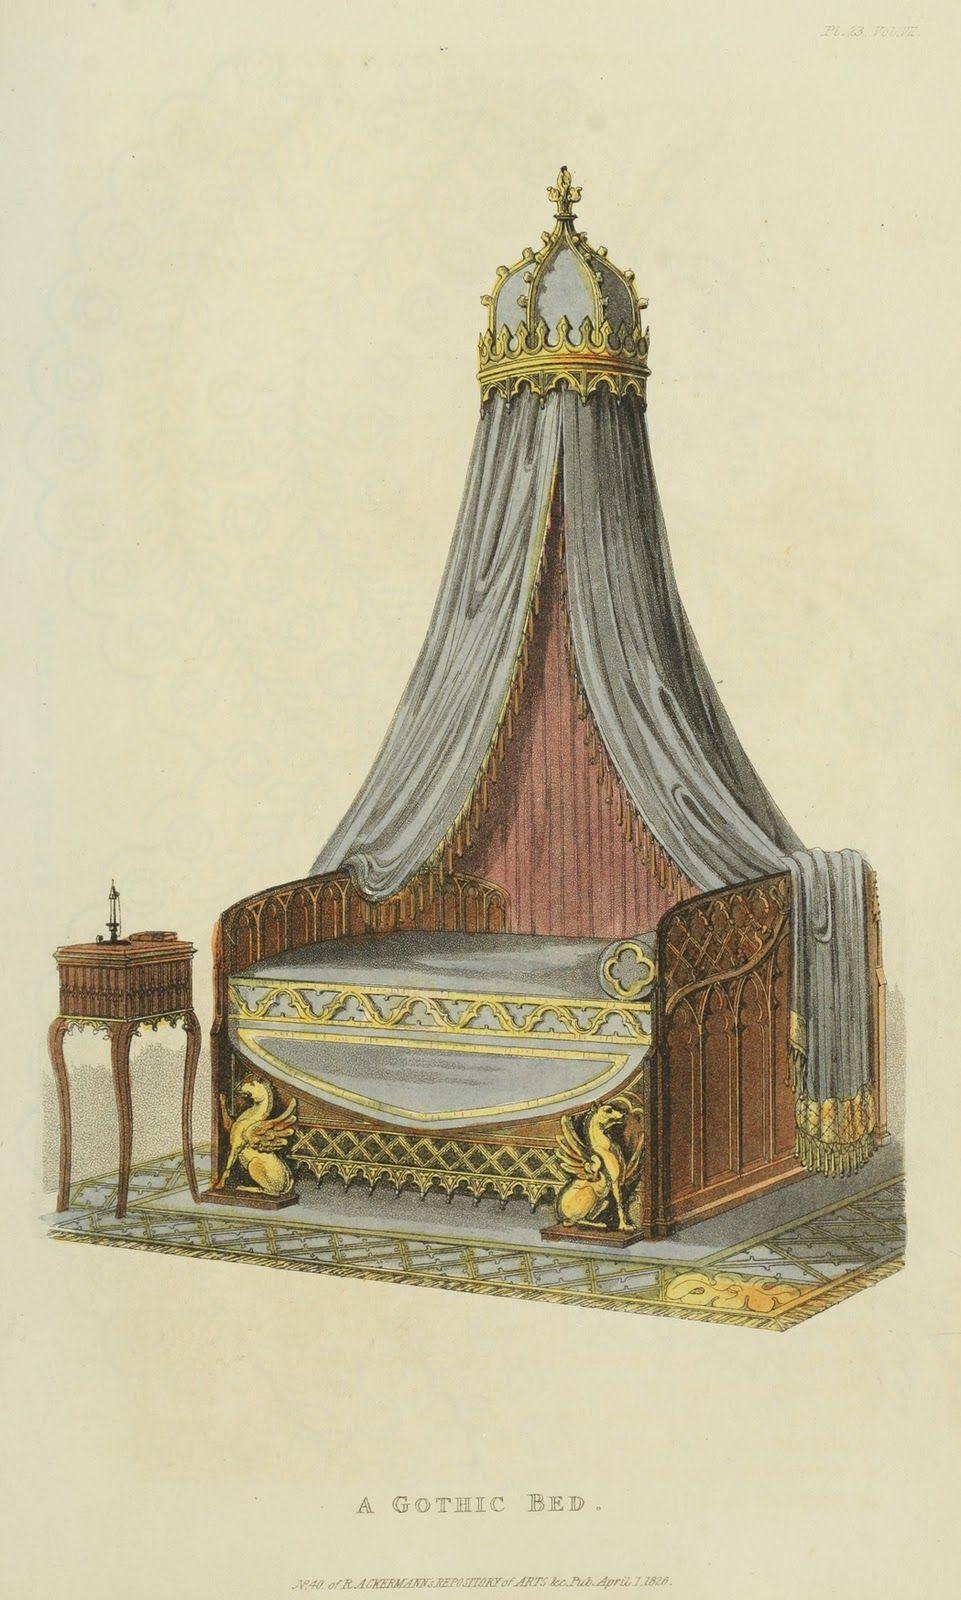 Regency Furniture 18231828 Ackermann's Repository Series